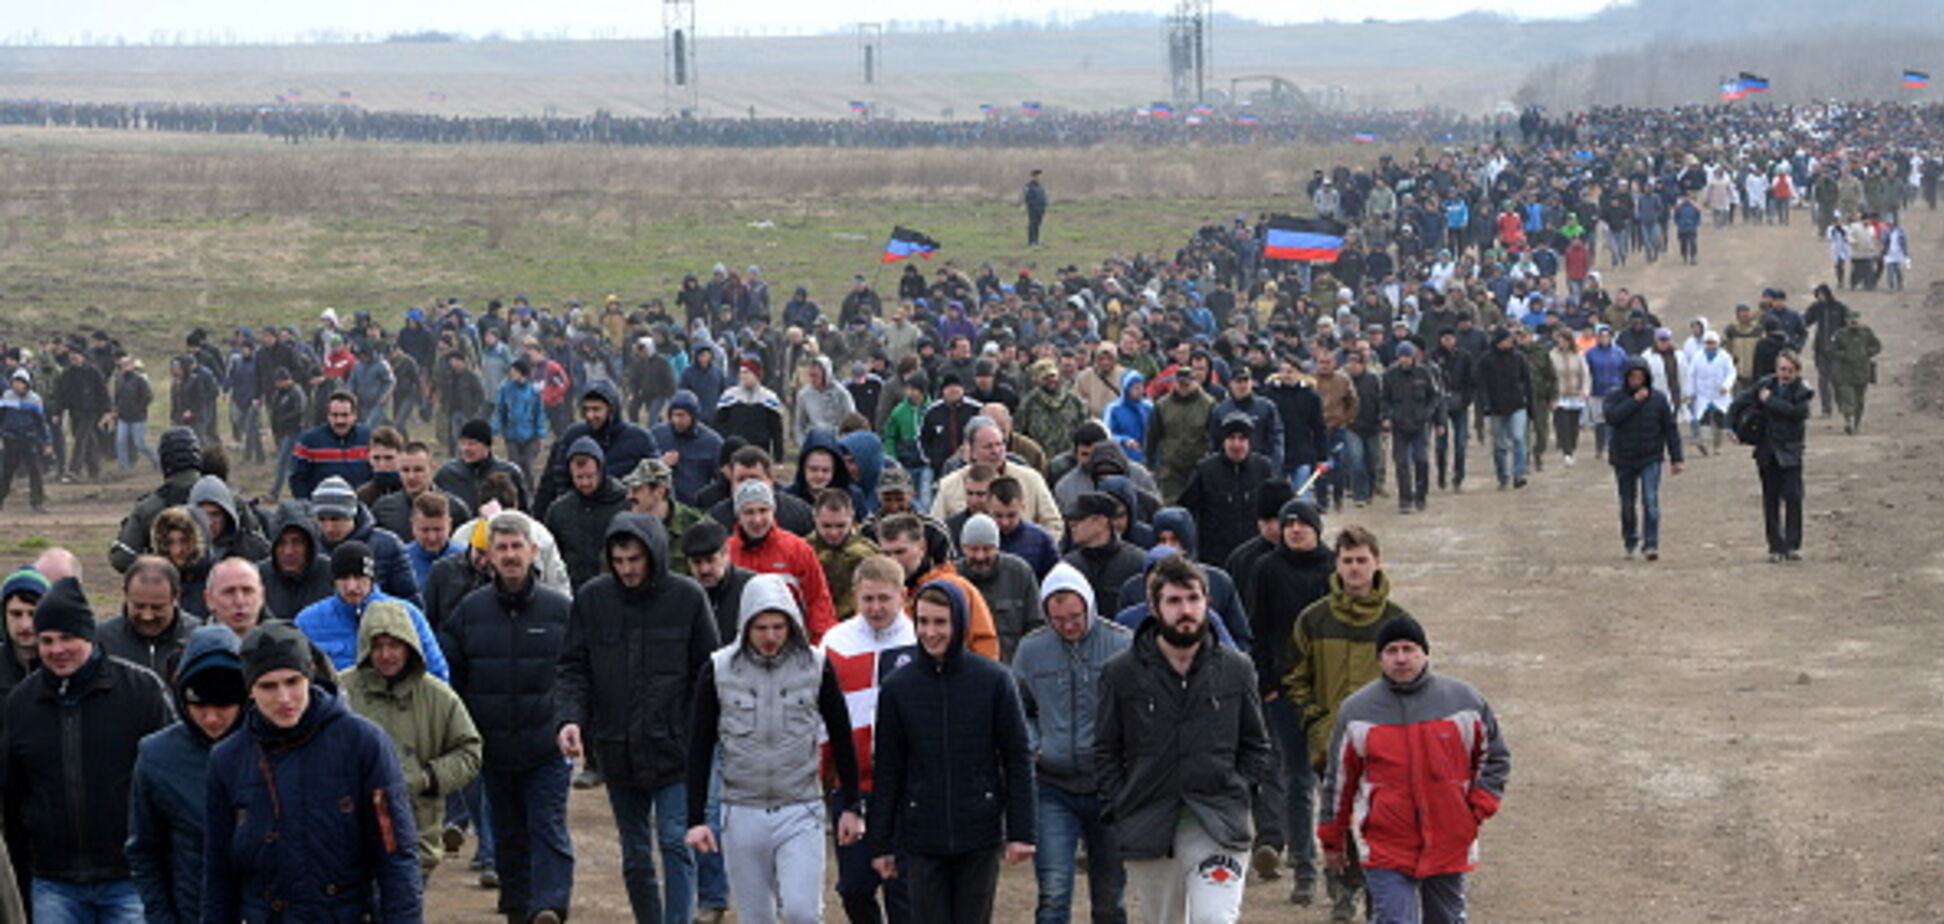 'Ухильників' ловитимуть: в 'ДНР' оголосили масові 'військові збори'